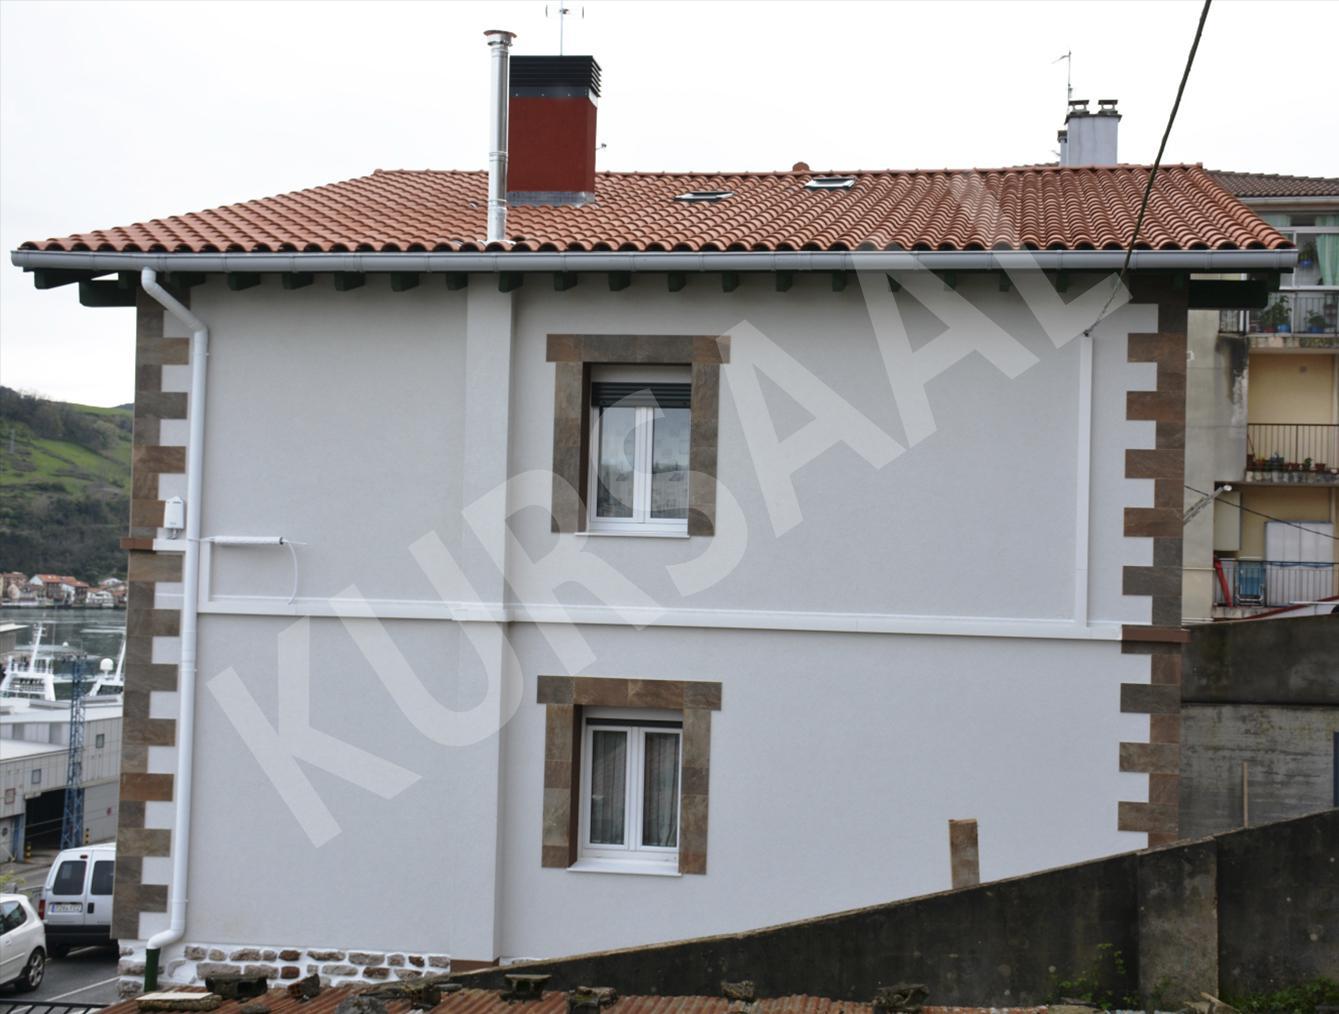 foto 10 - Aislamientos Térmicos y Eficiencia Energética-Calzada de Oleta 17-DONOSTIA